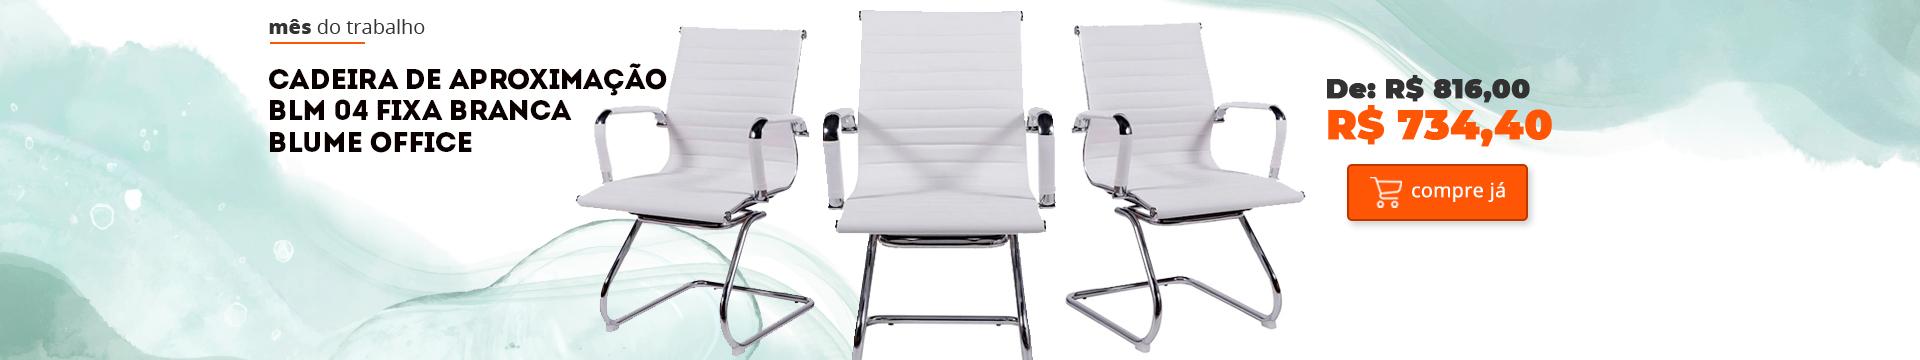 Cadeira de Aproximação BLM 04 Fixa Branca – Blume Office